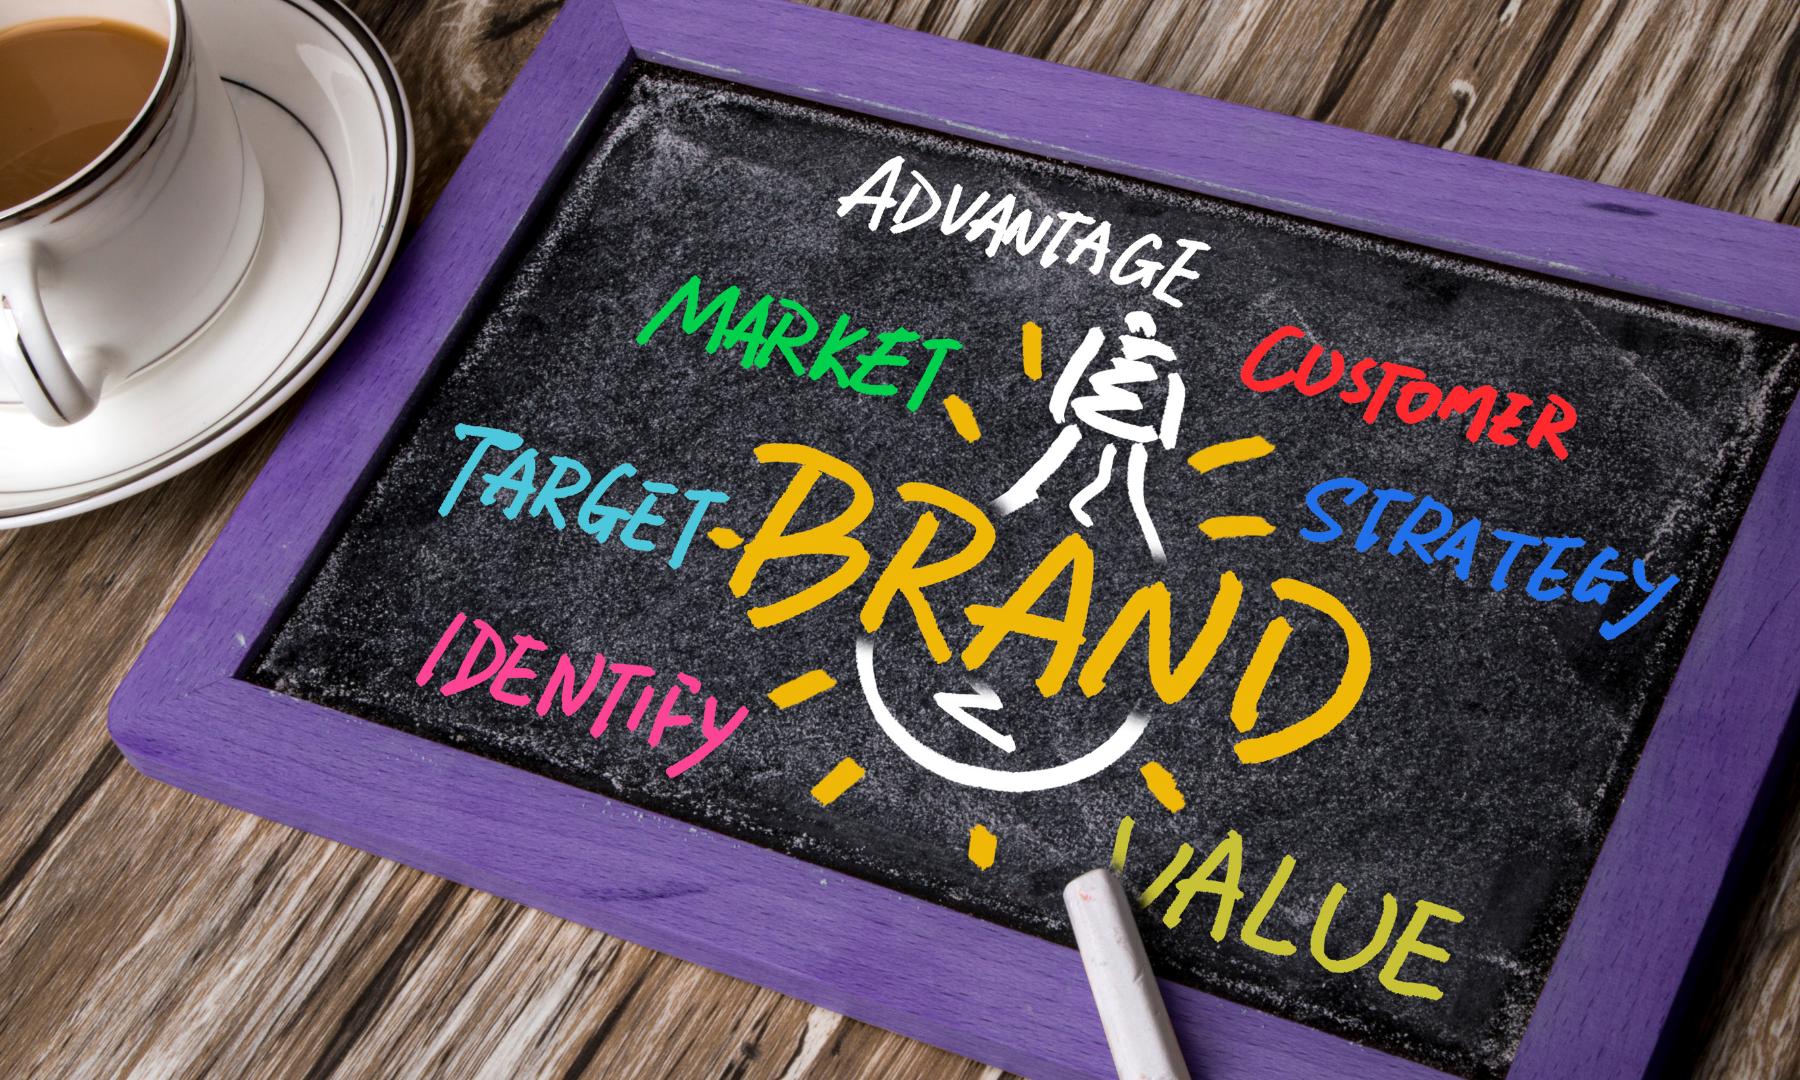 Brand strategy written down on a board